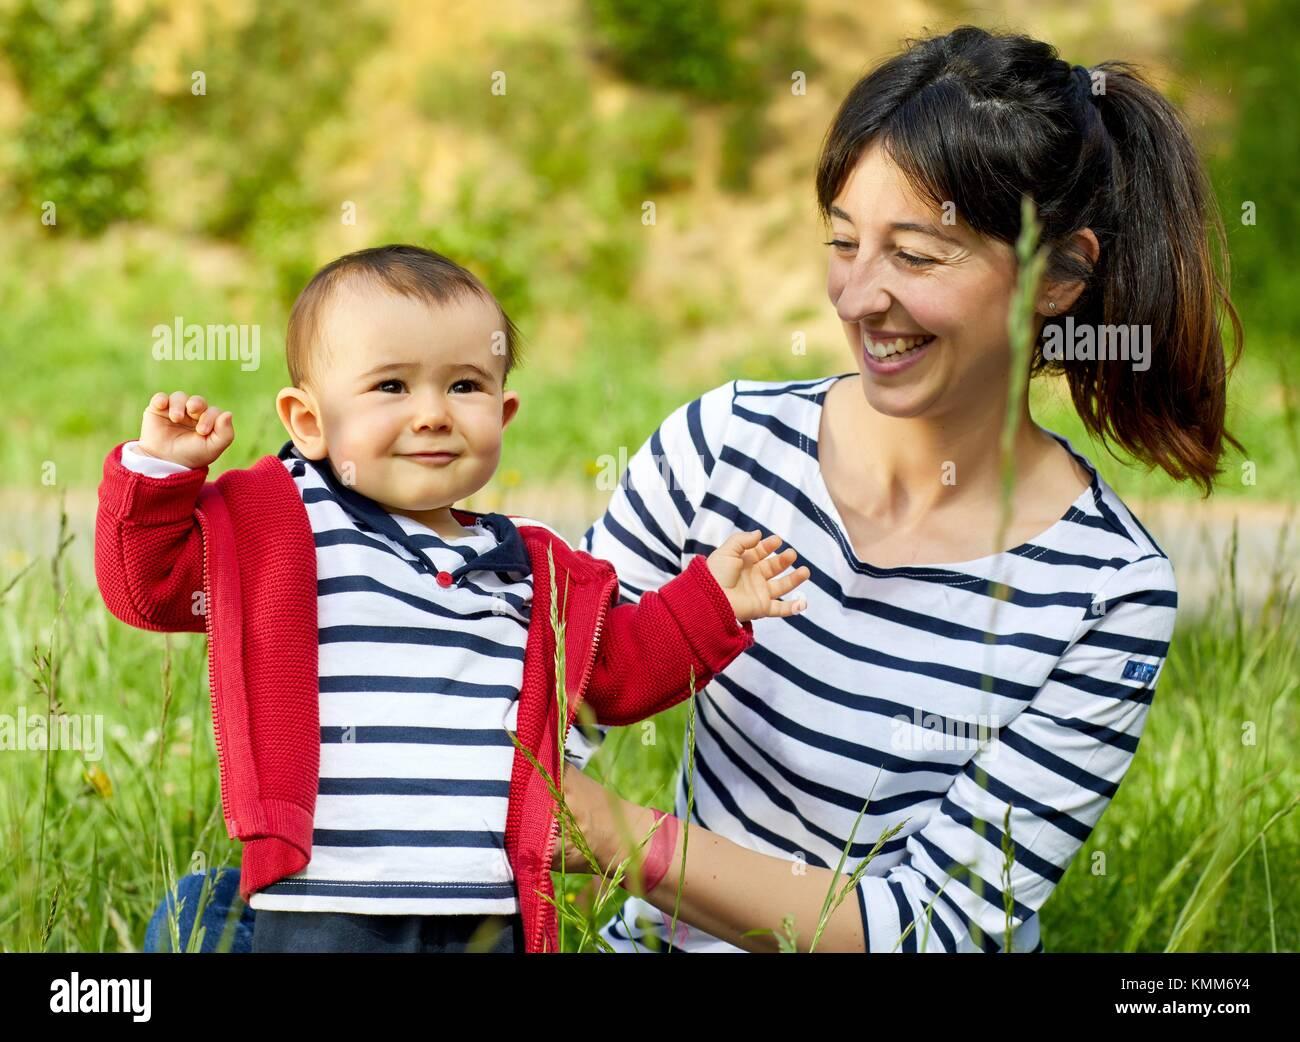 A la madre y al bebé en el parque, Getaria, Gipuzkoa, País Vasco, España Imagen De Stock